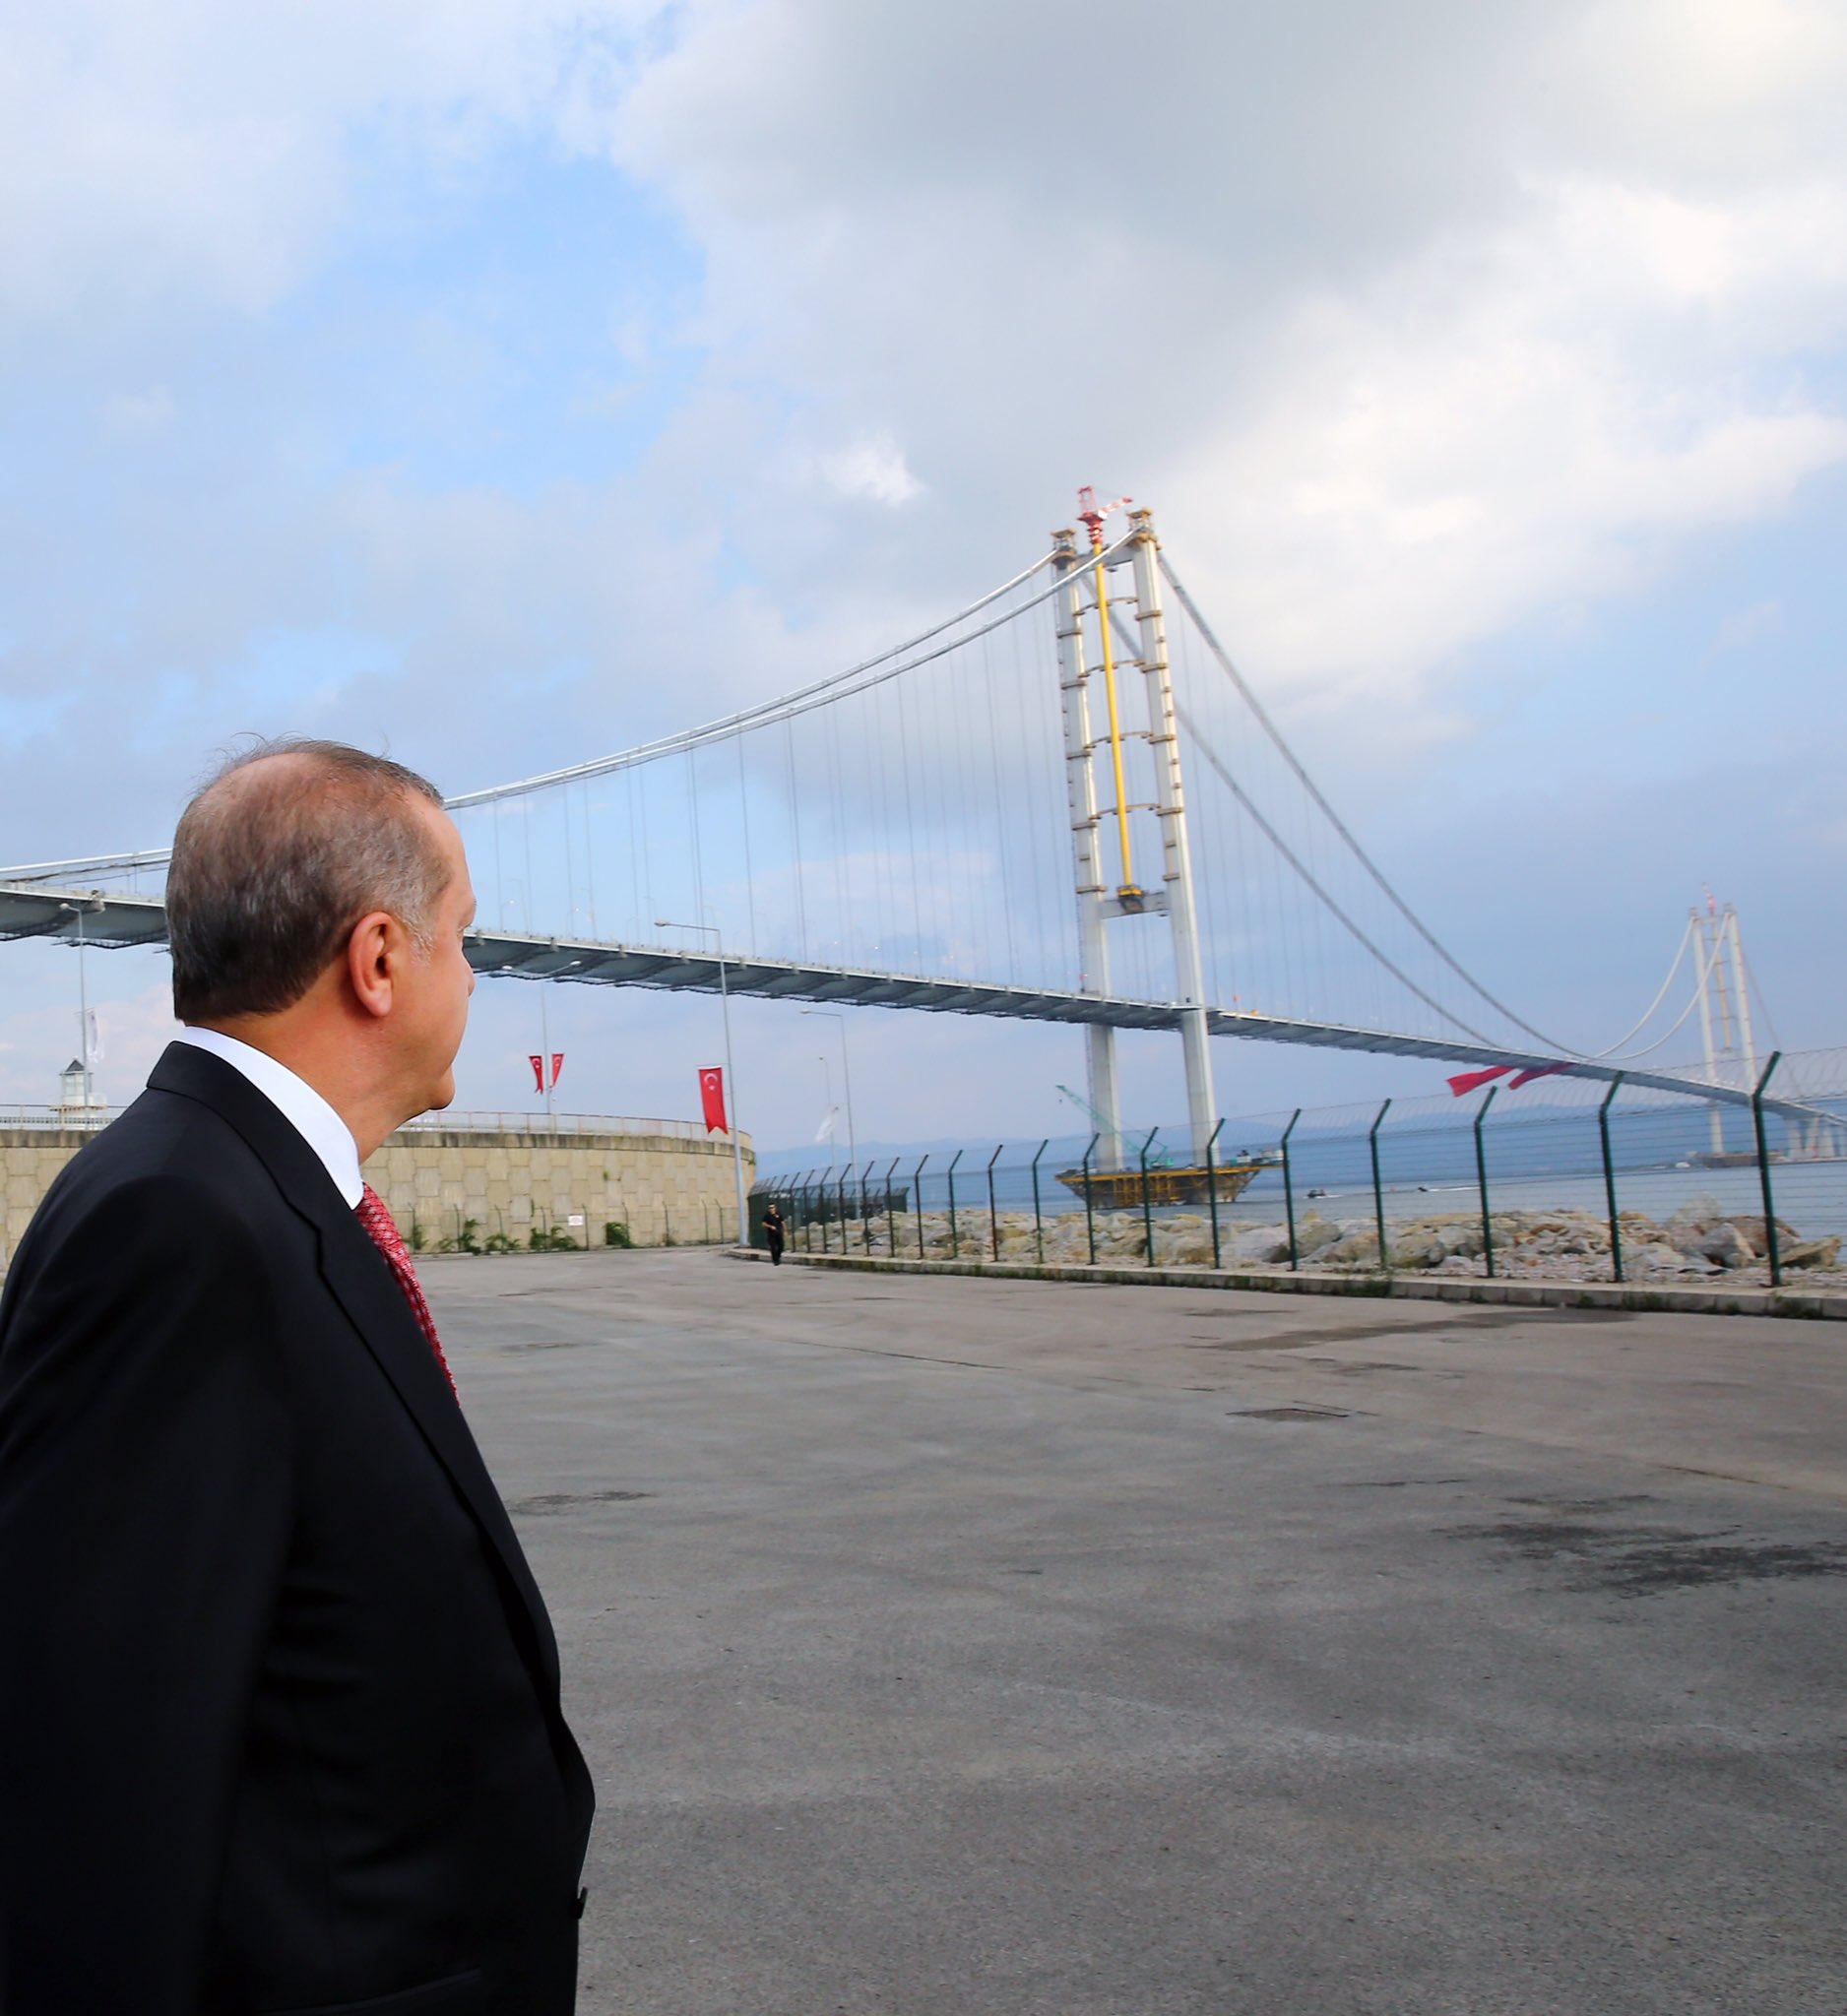 Bugün milletimizin hizmetine sunduğumuz Osman Gazi Köprüsü ülkemize hayırlı uğurlu olsun. https://t.co/i5HQkQYtvp